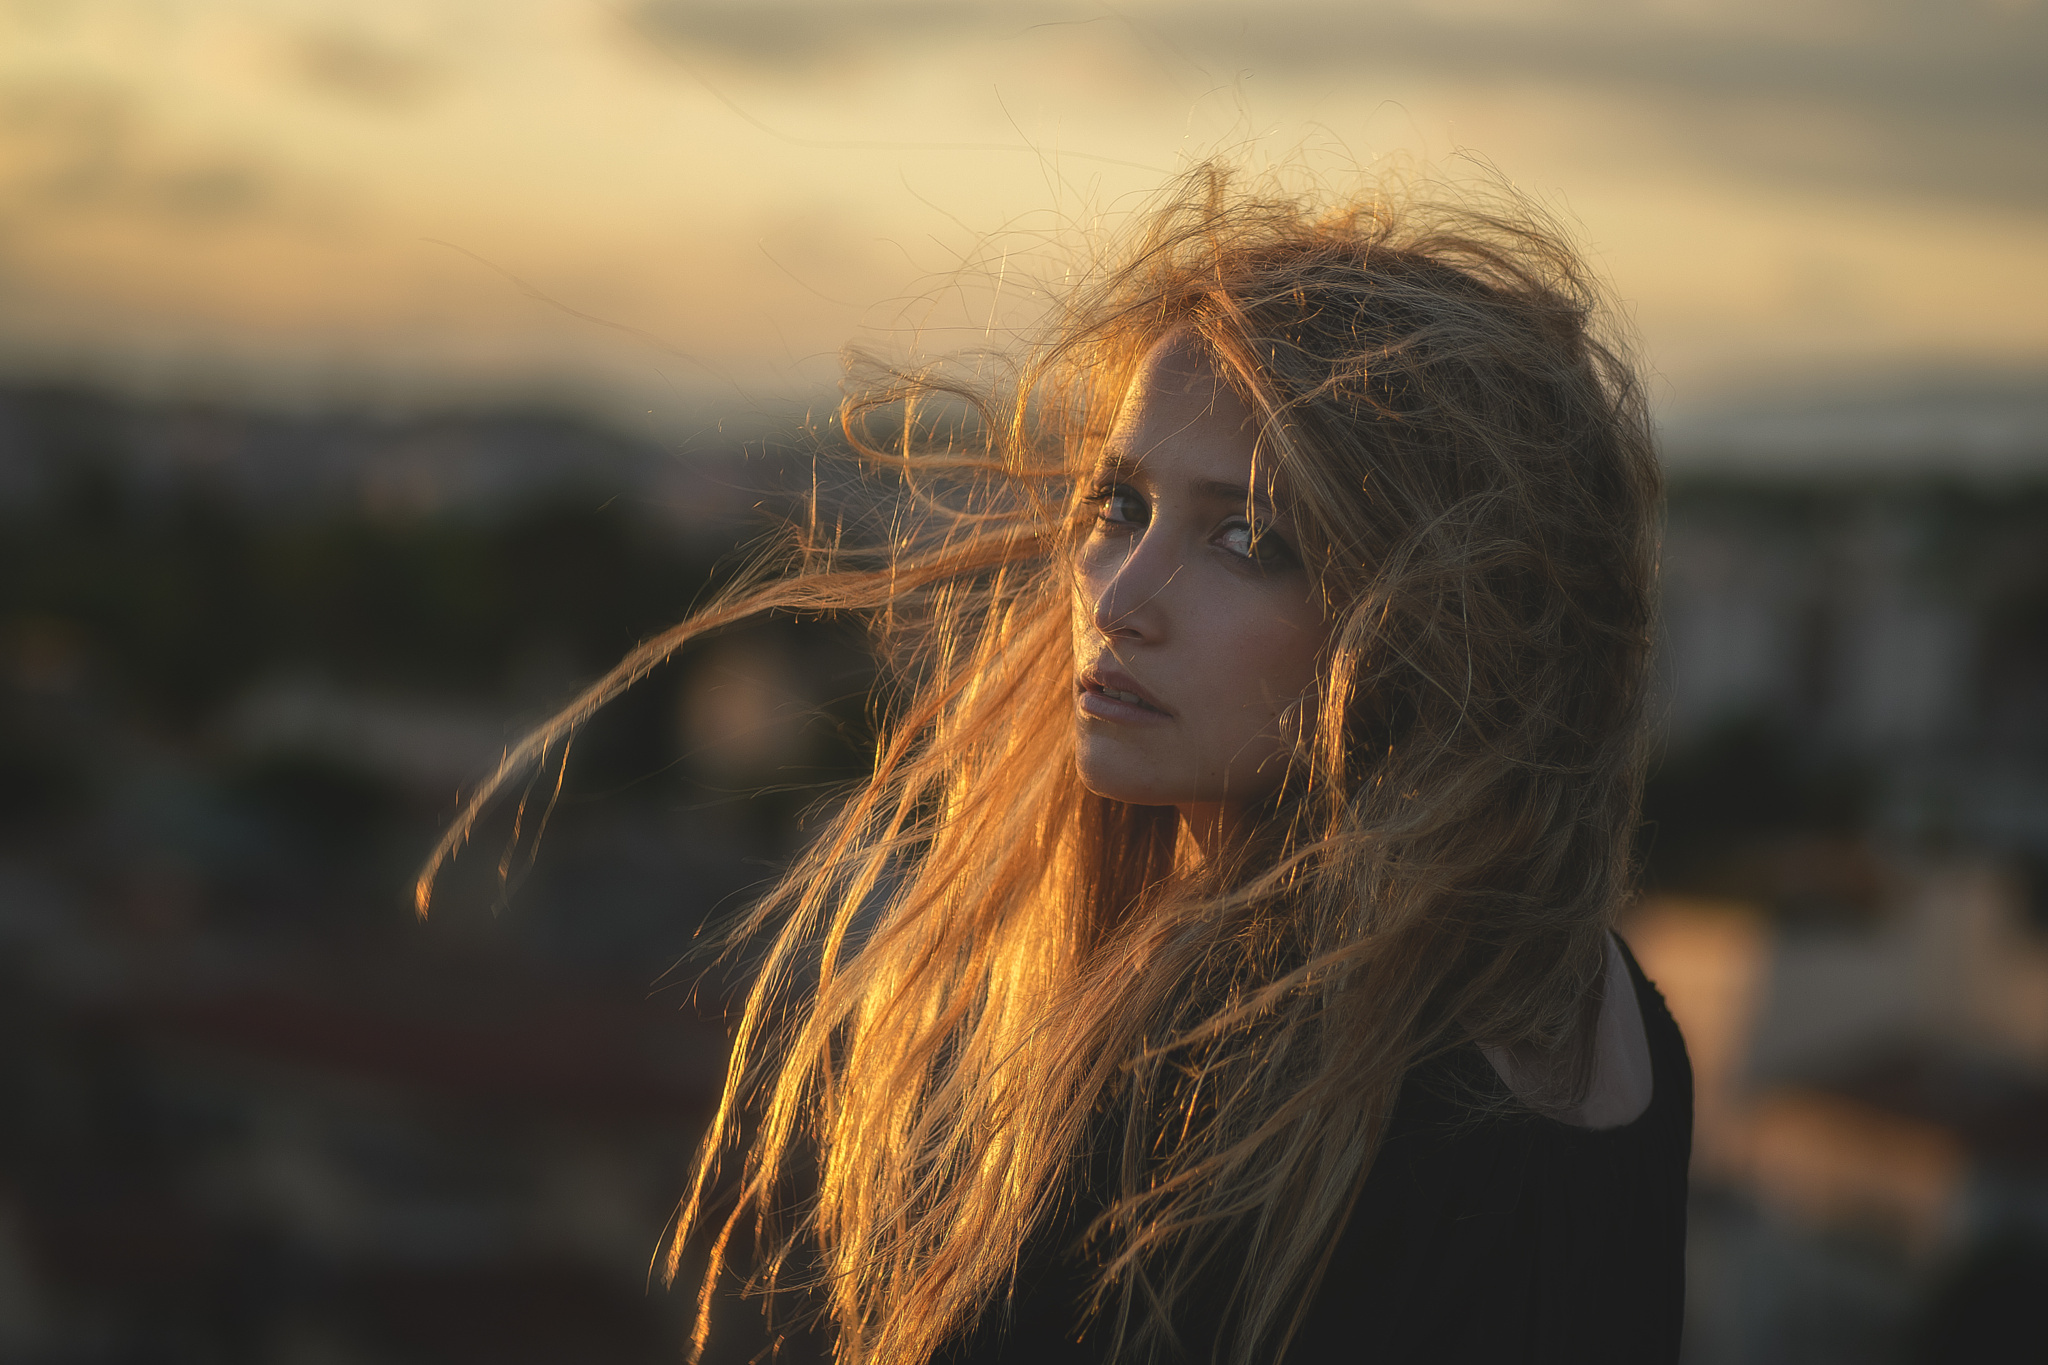 должен волосы на ветру картинки имеют